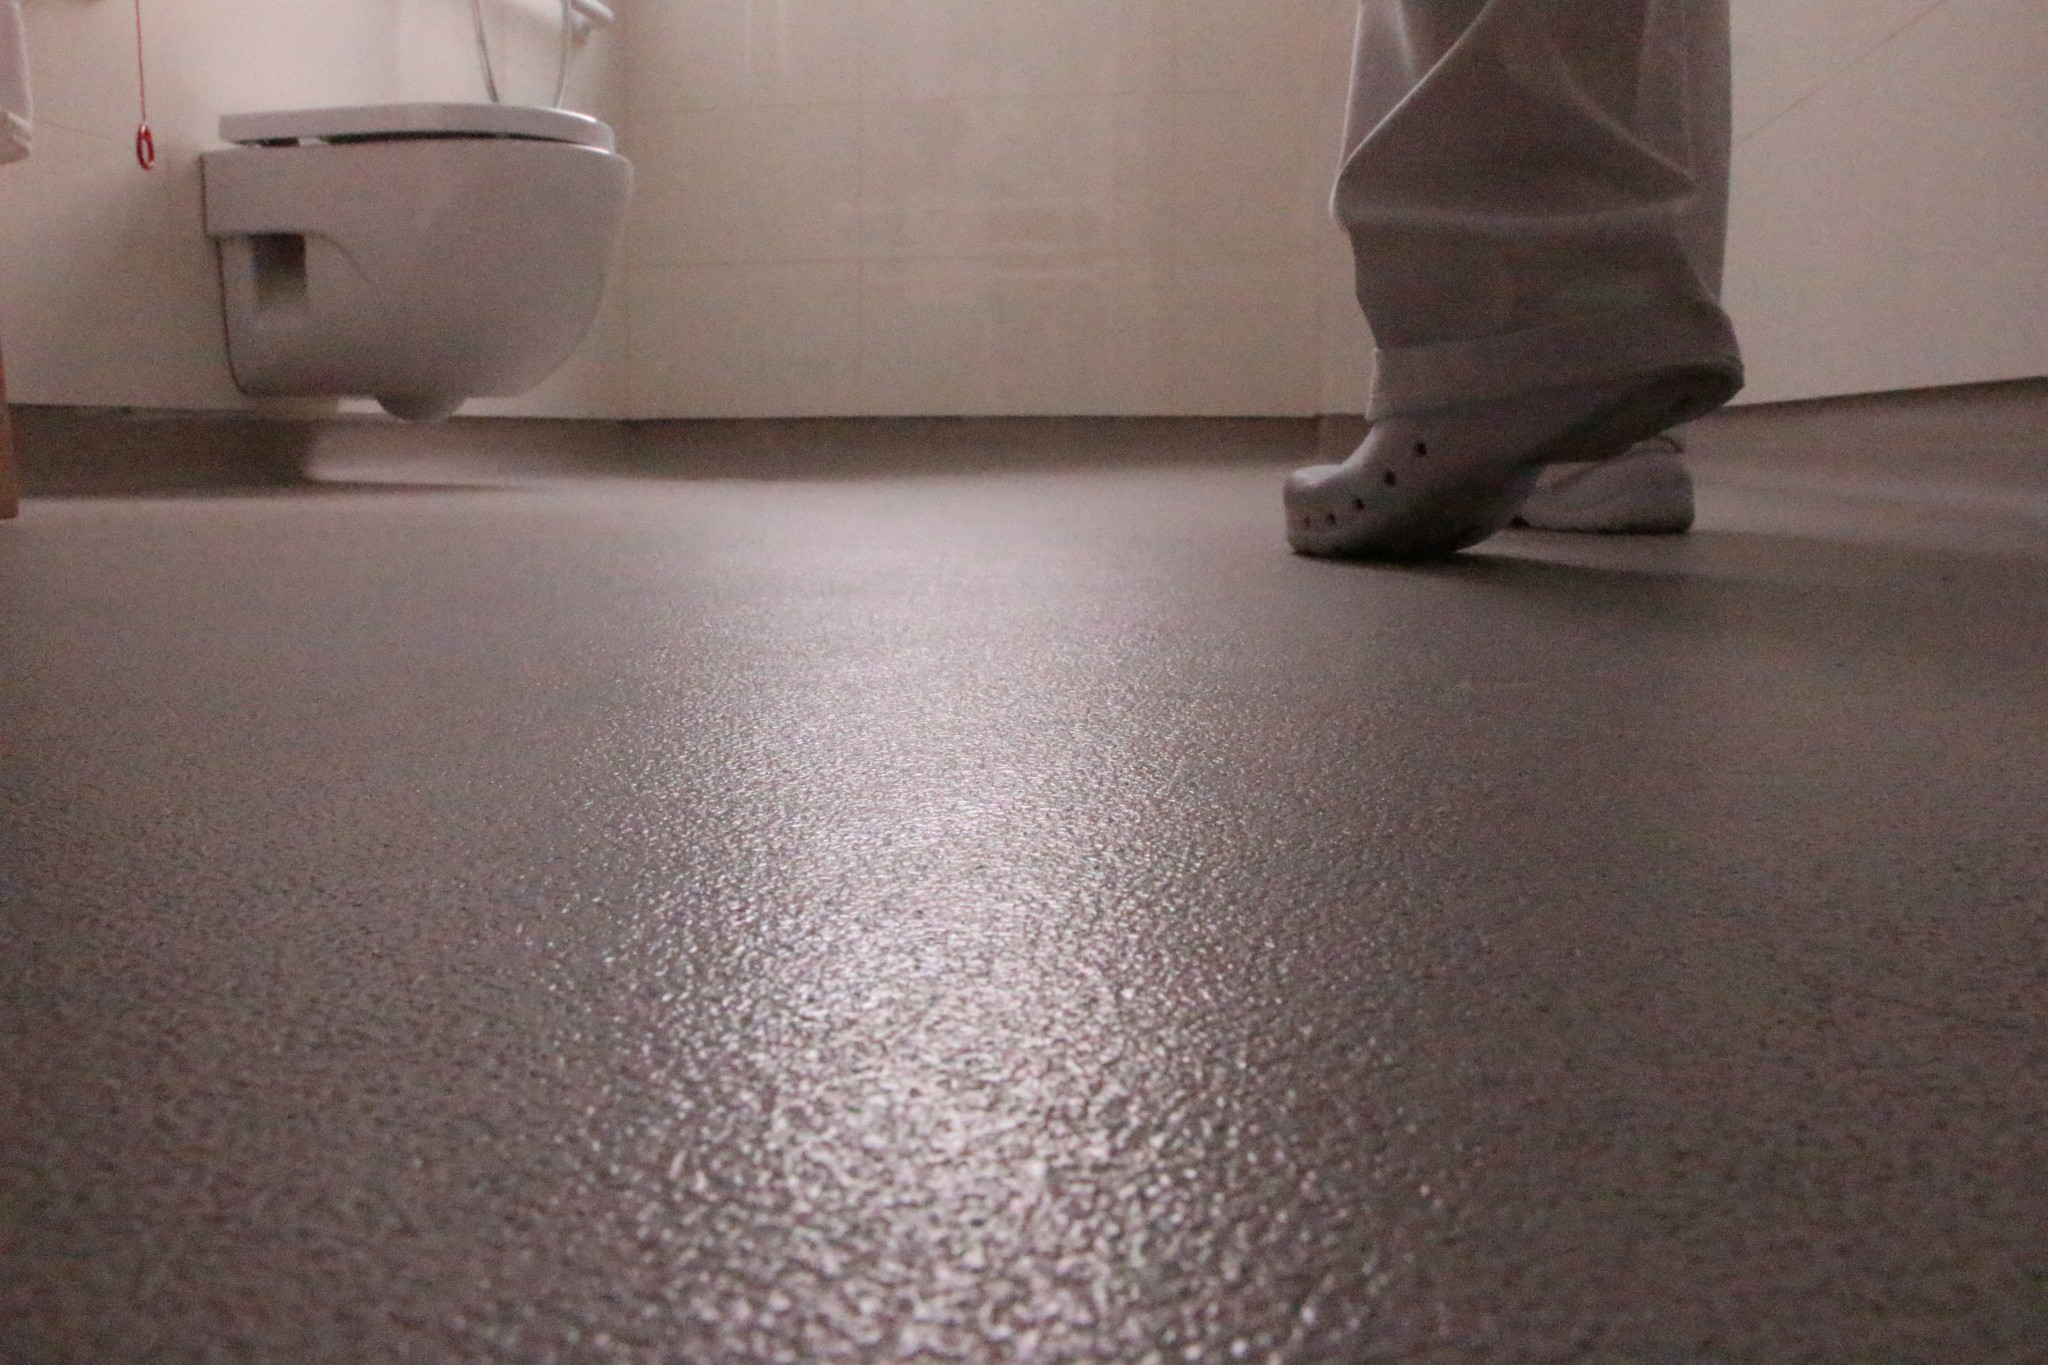 Pavimentos antideslizantes colober pavimentos ligeros - Antideslizante para suelos ...